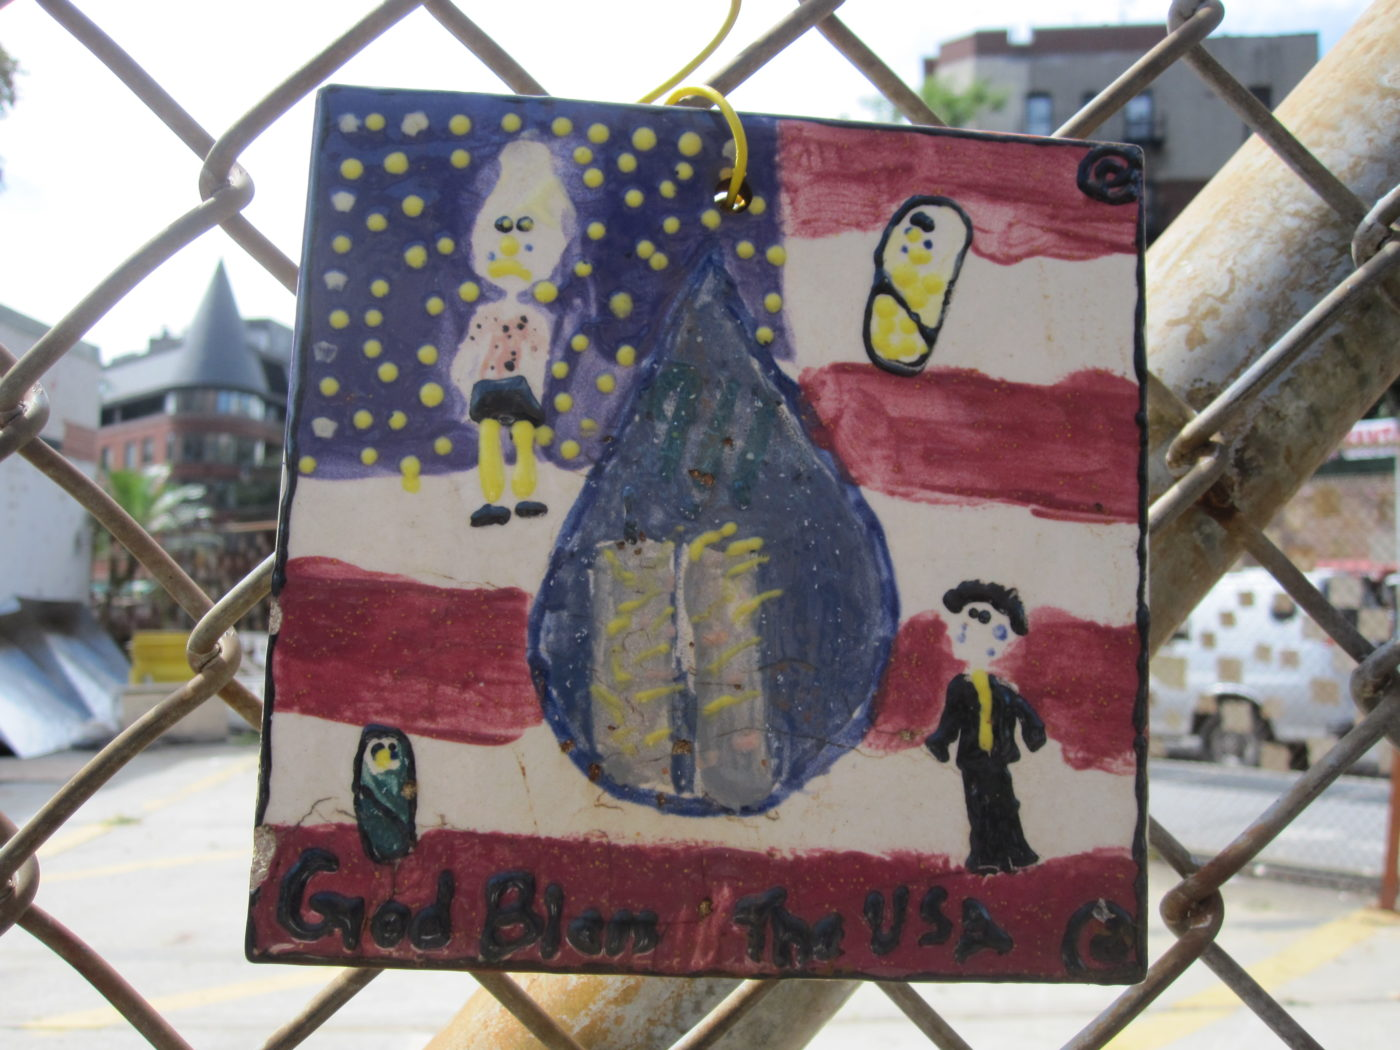 Tiles God Bless the USA 09_07_2011.JPG